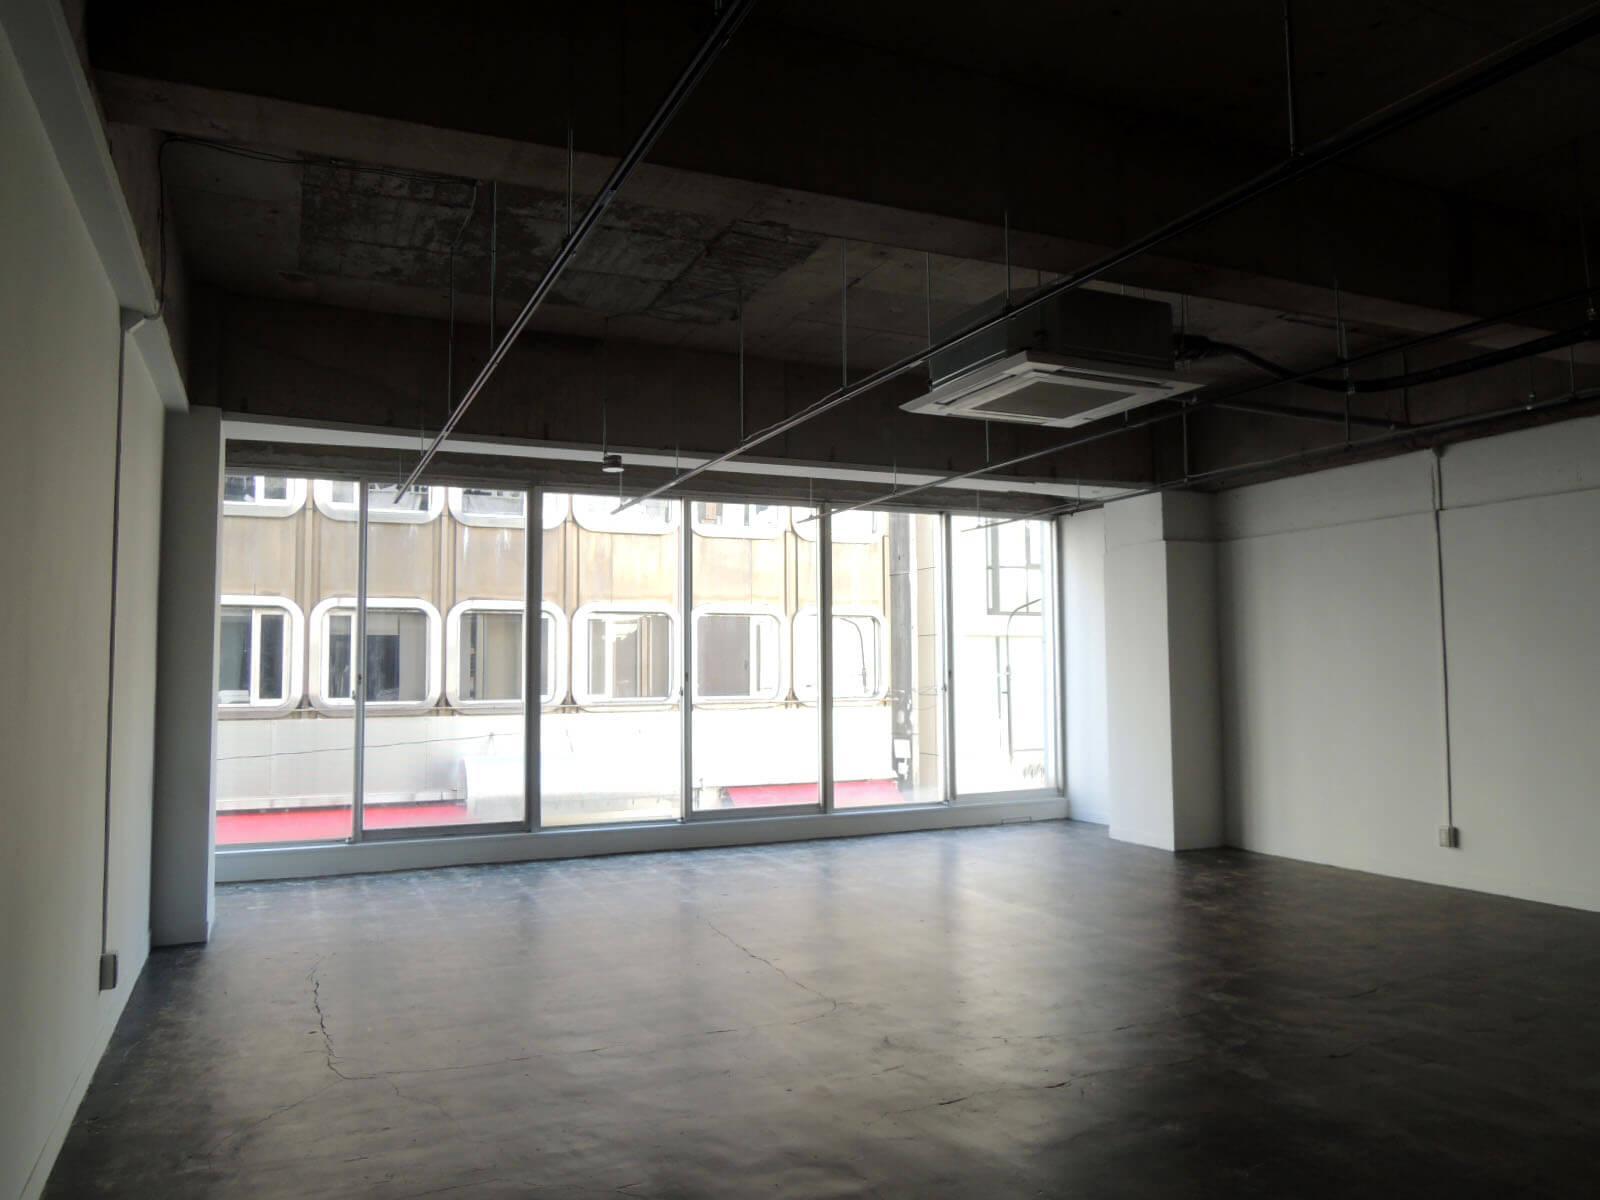 2階のガラス面はしっかり足元まで。外へのアピールがしやすいフロアです(2F)